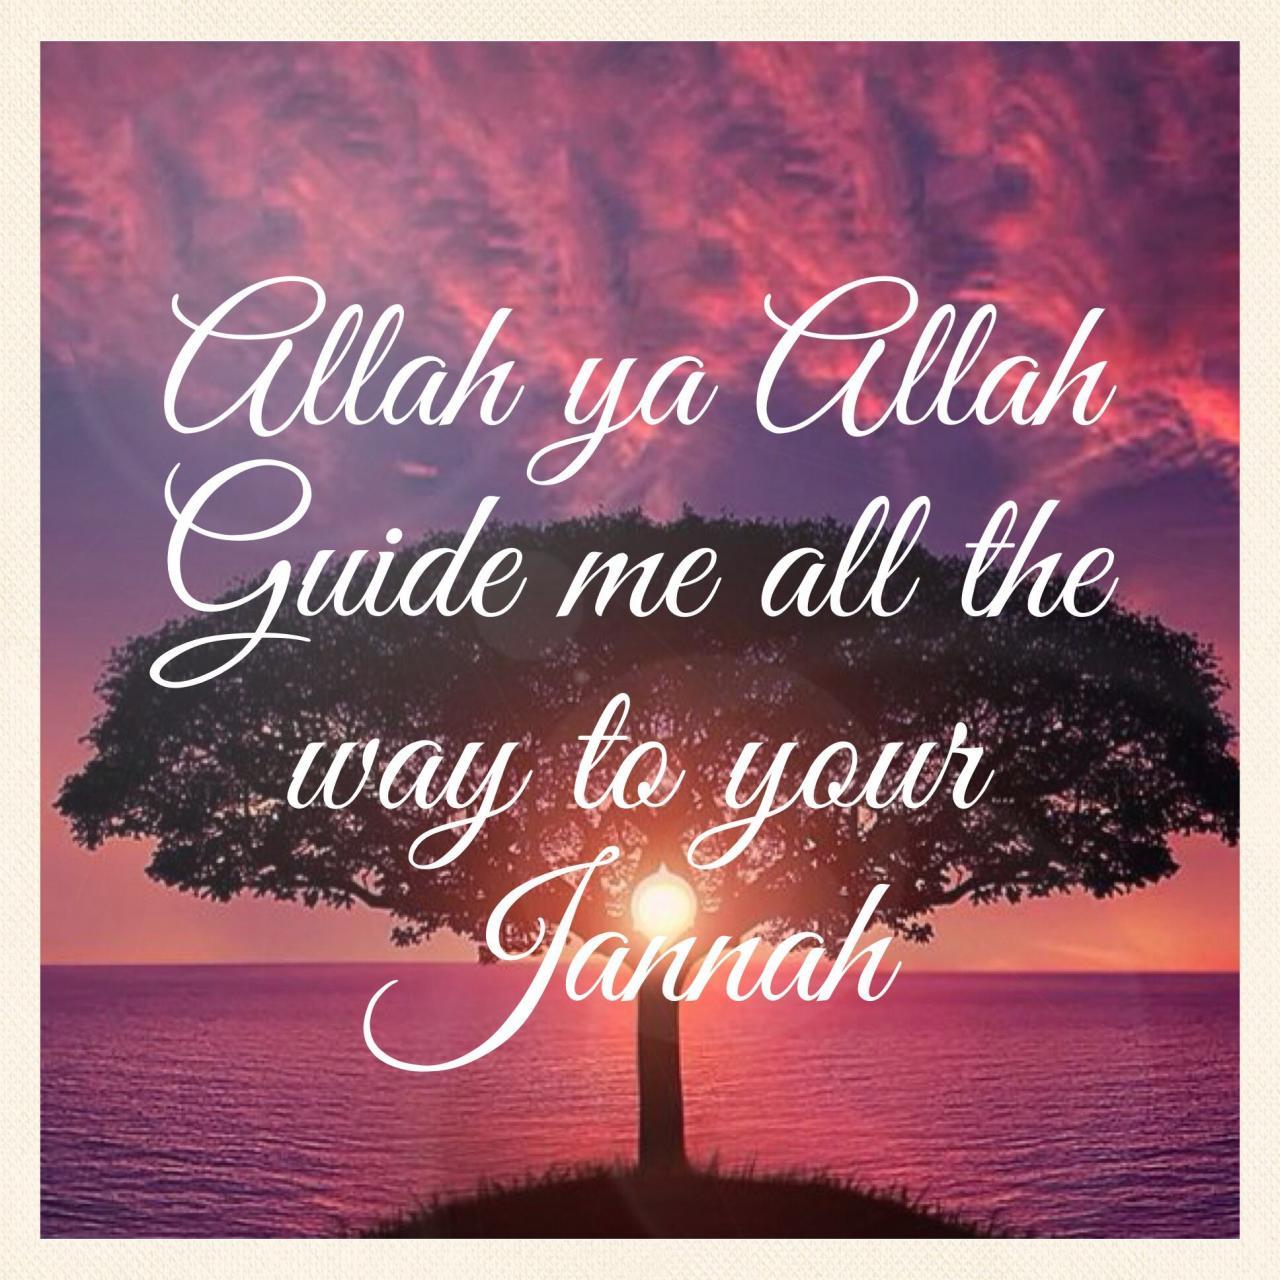 Islam Jannah Akhira Pinterest